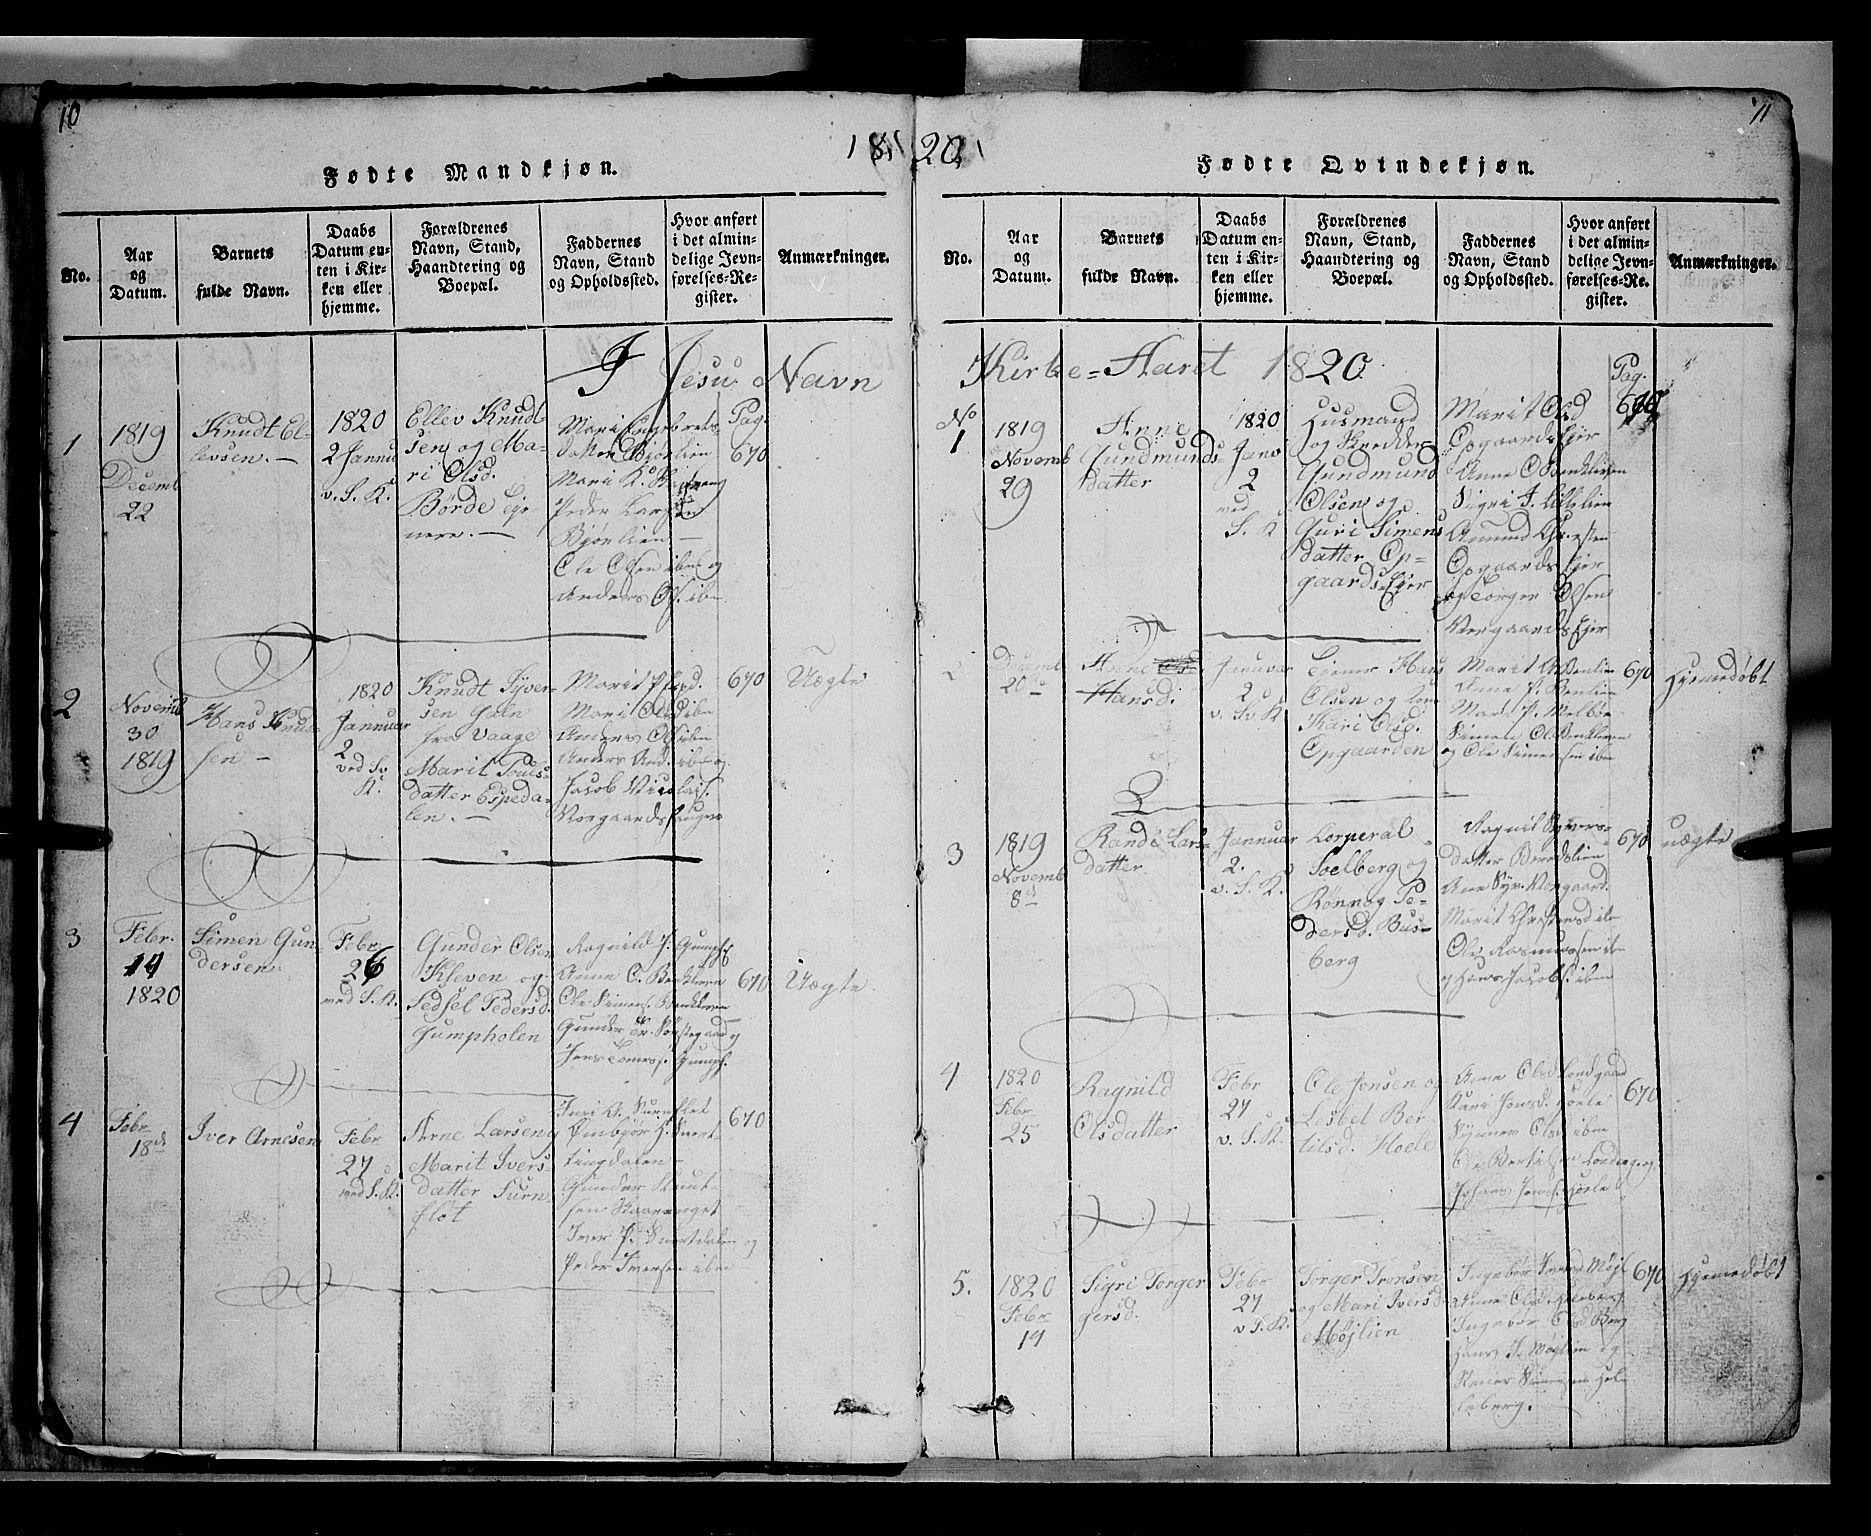 SAH, Gausdal prestekontor, Klokkerbok nr. 2, 1818-1874, s. 10-11